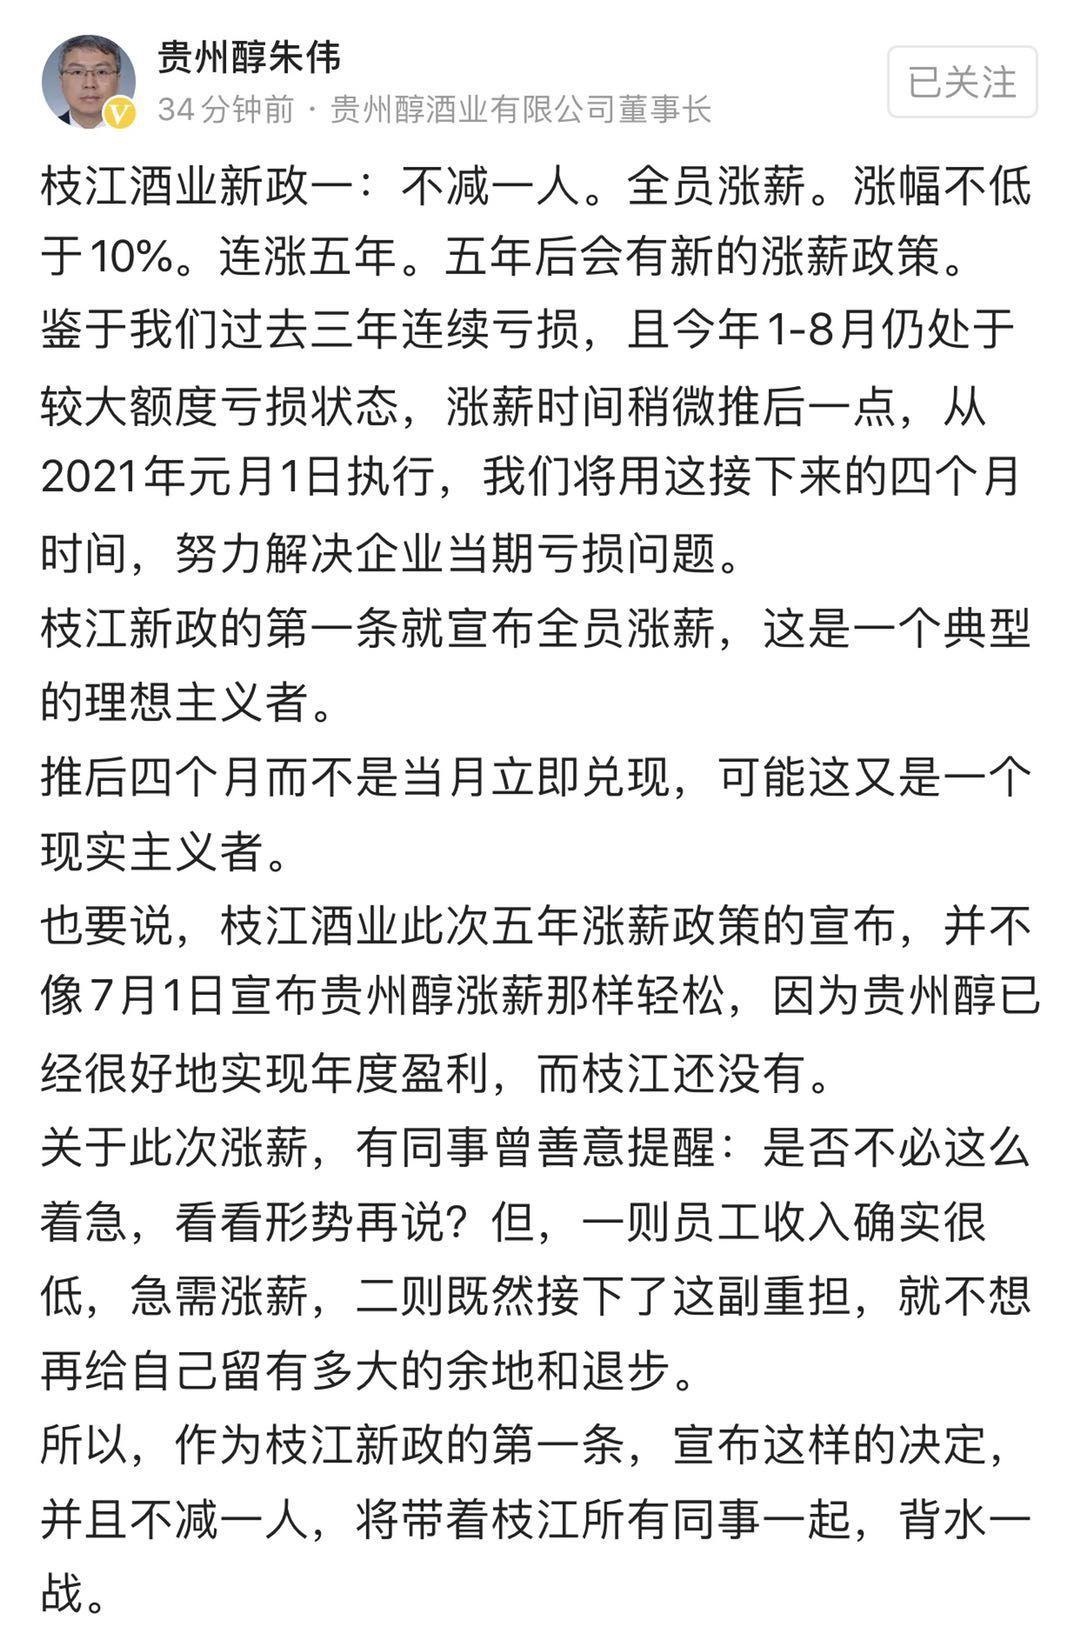 朱伟任枝江酒业董事长后发首条新政:全员涨薪10% 连涨5年